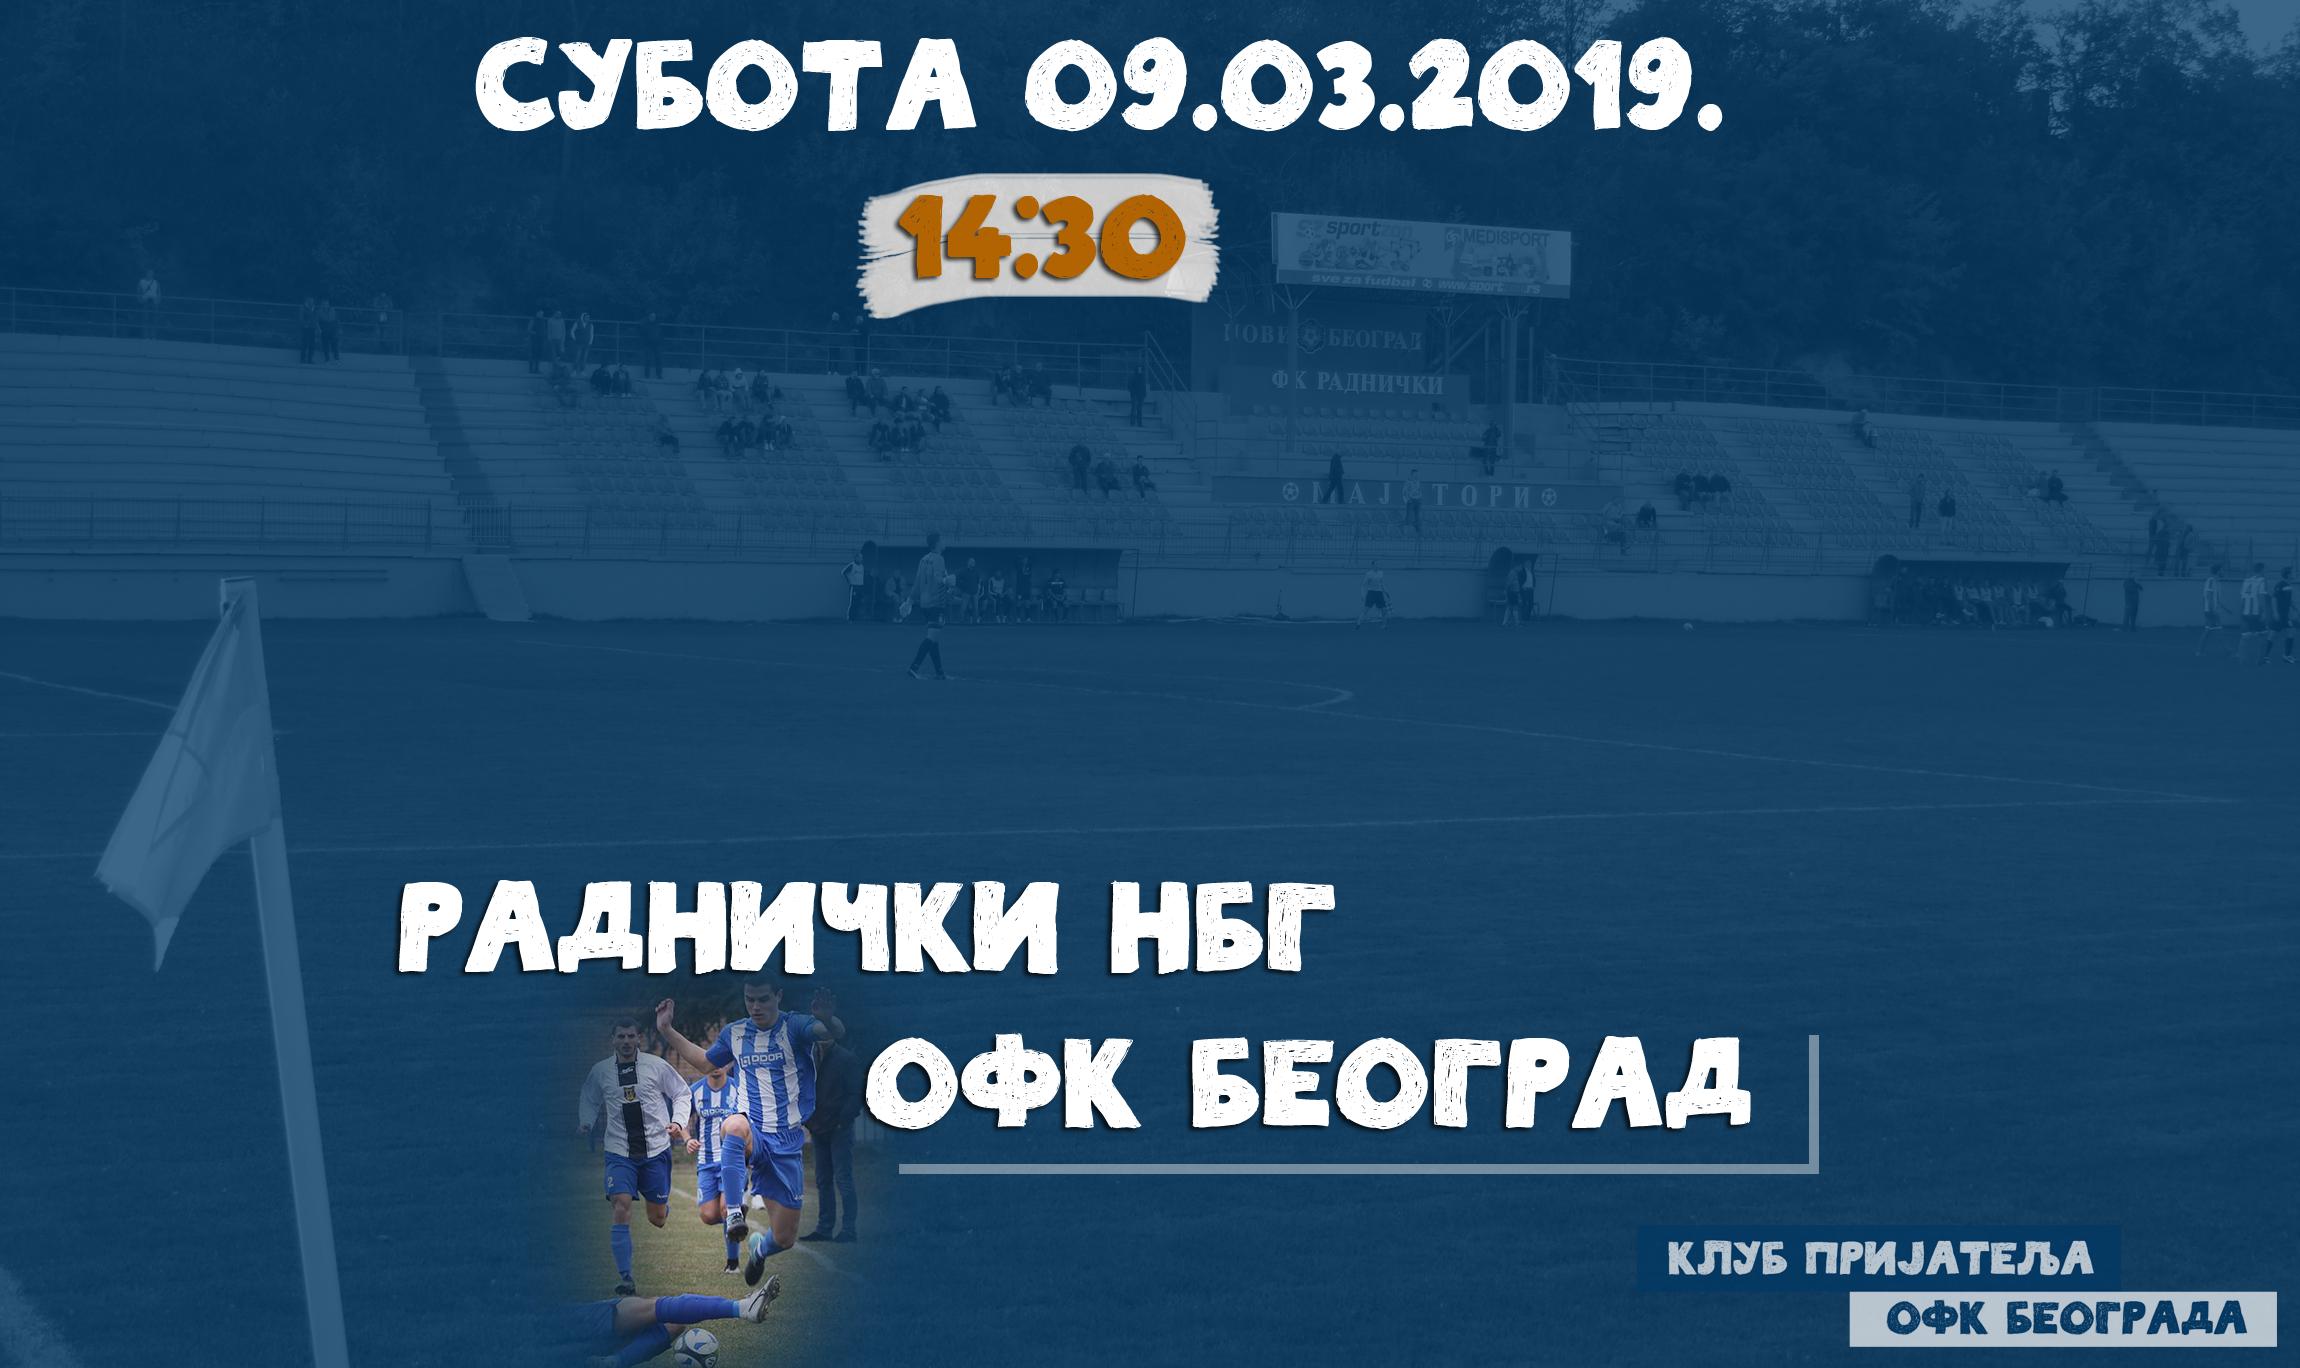 Наставак фудбалске сезоне! Офковци гости Радничком – 09.03.